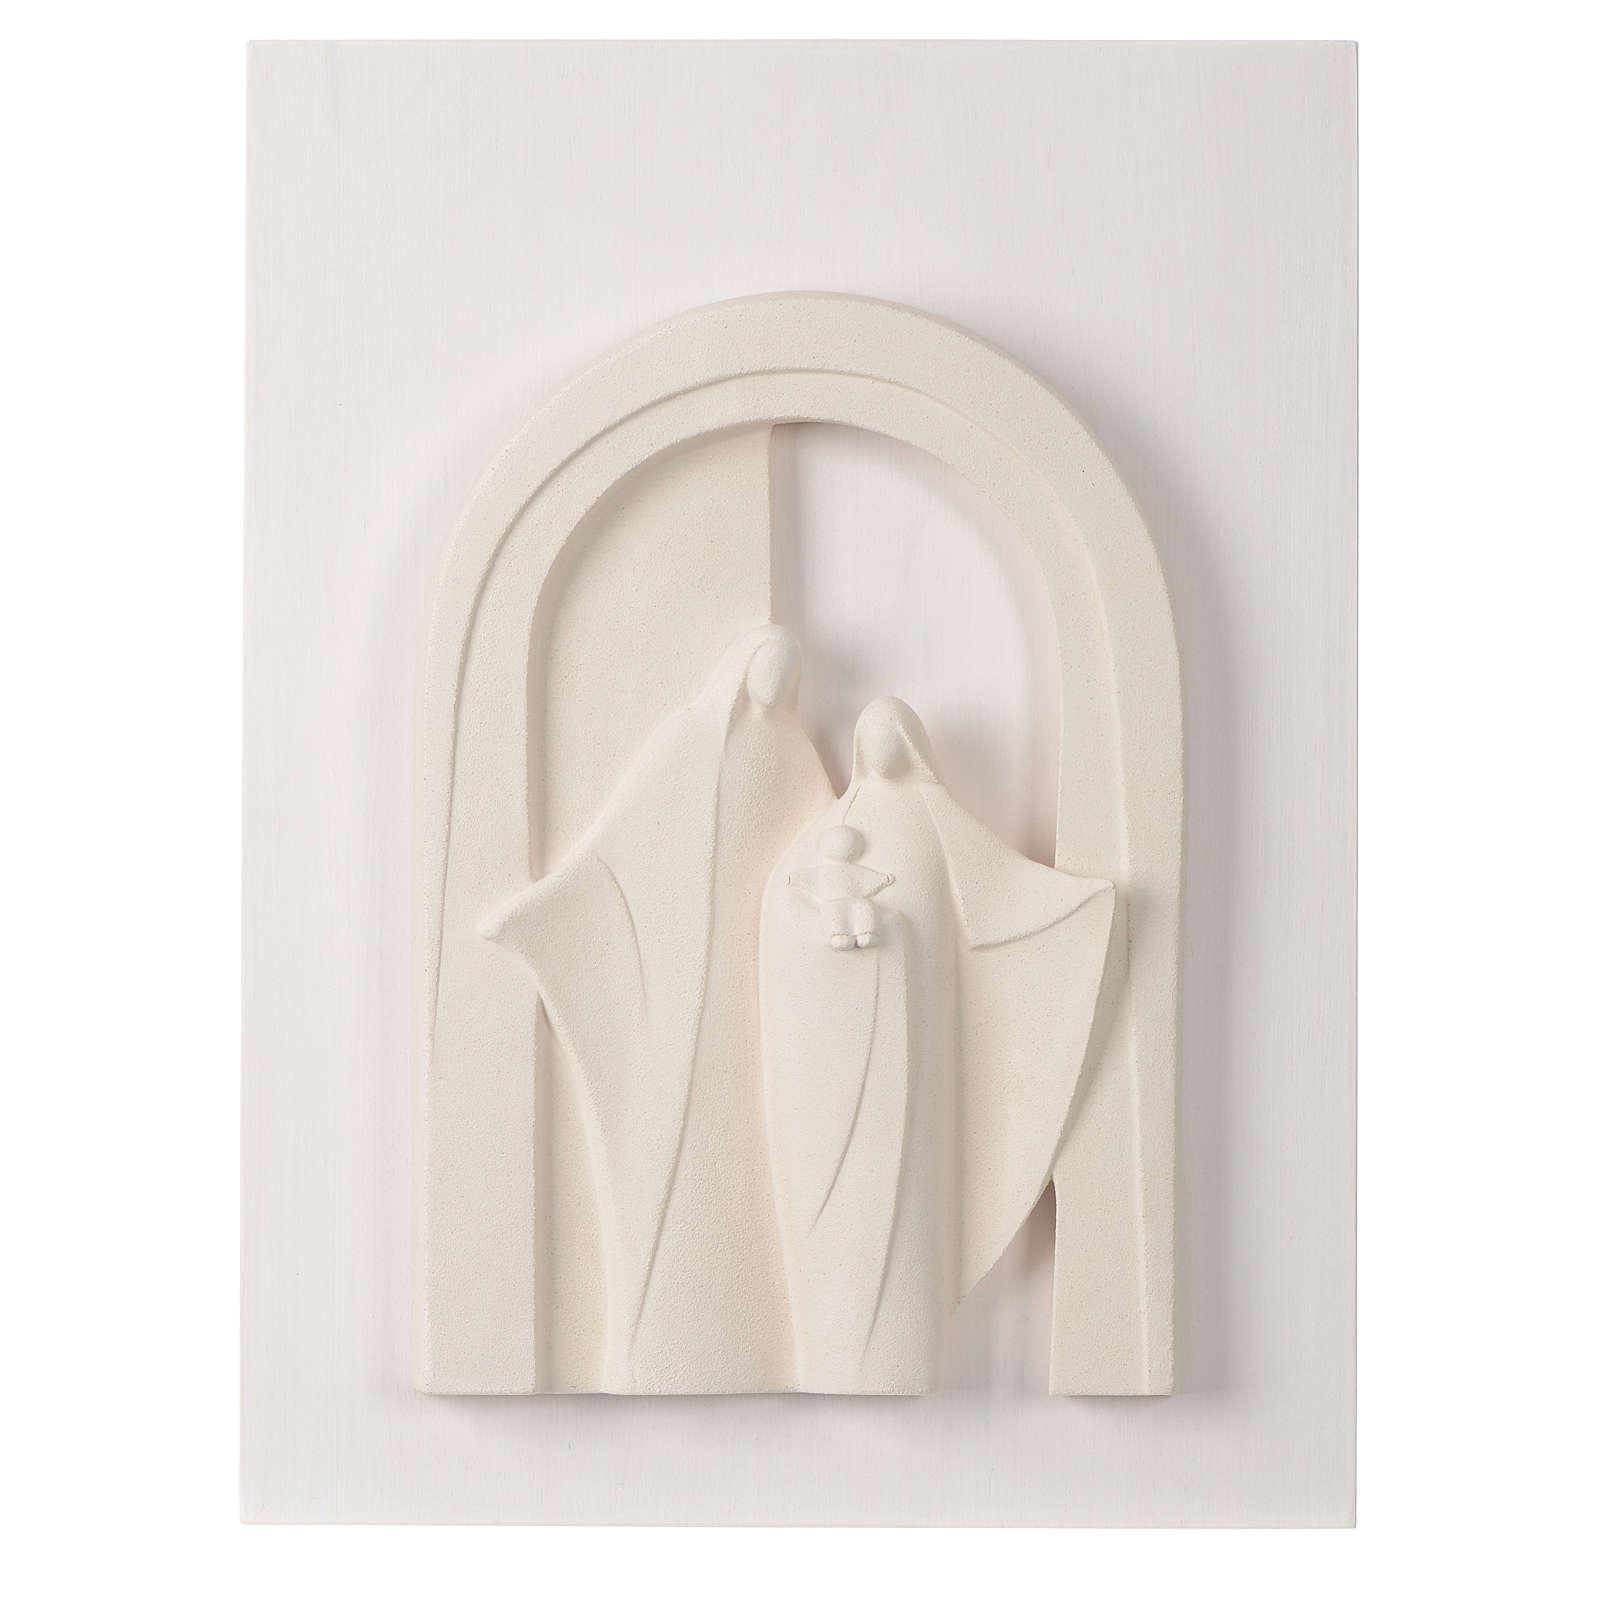 Sagrada Família alpendre madeira argila Centro Ave 40,5 cm 4